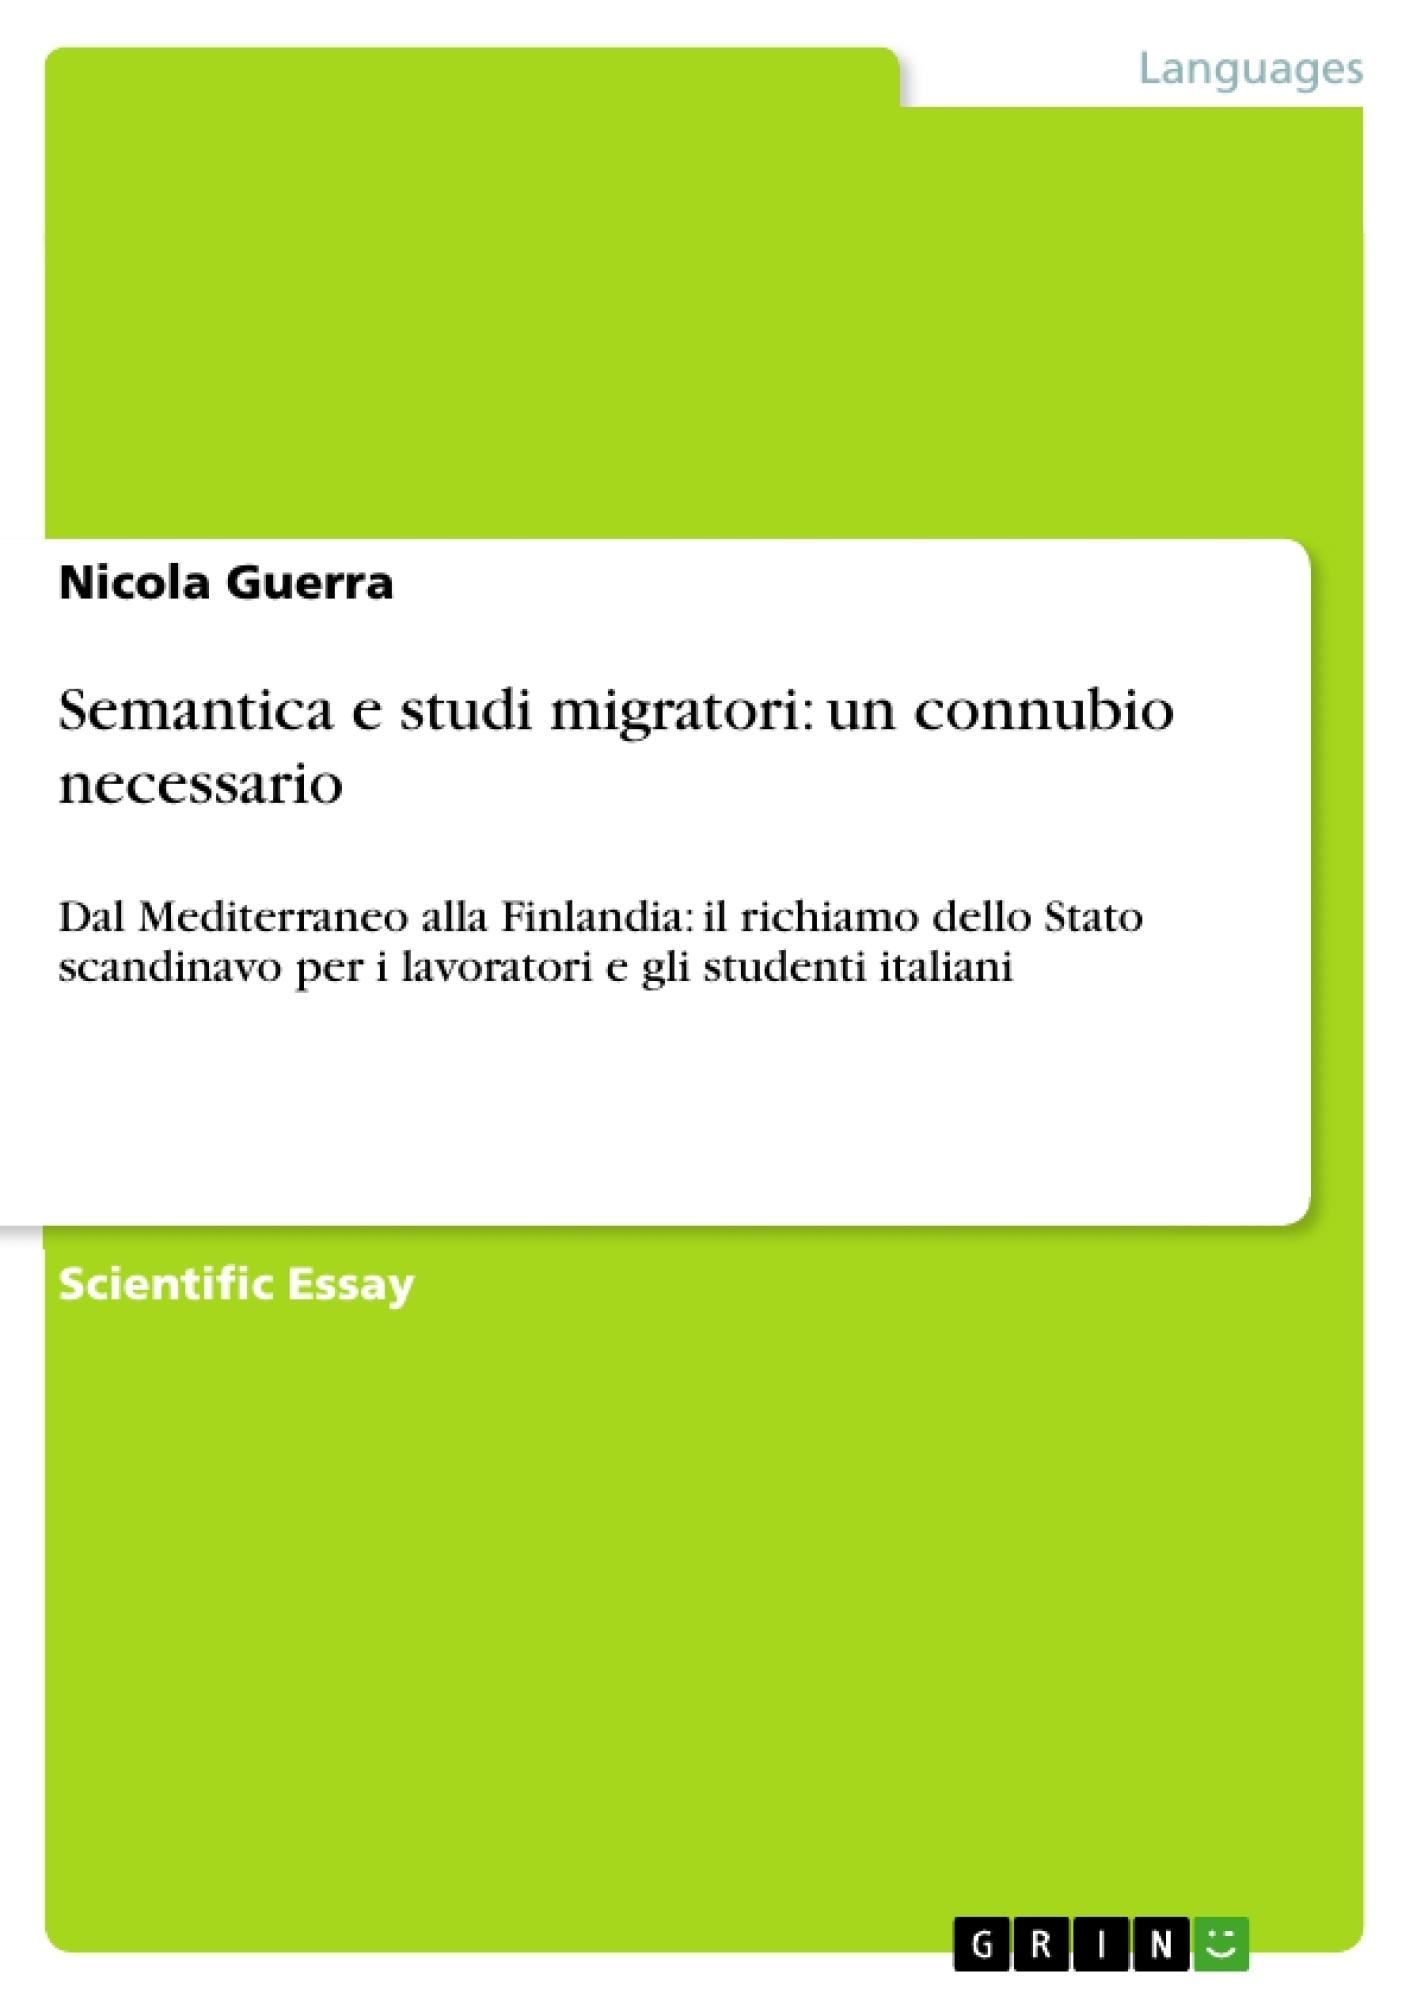 Title: Semantica e studi migratori: un connubio necessario